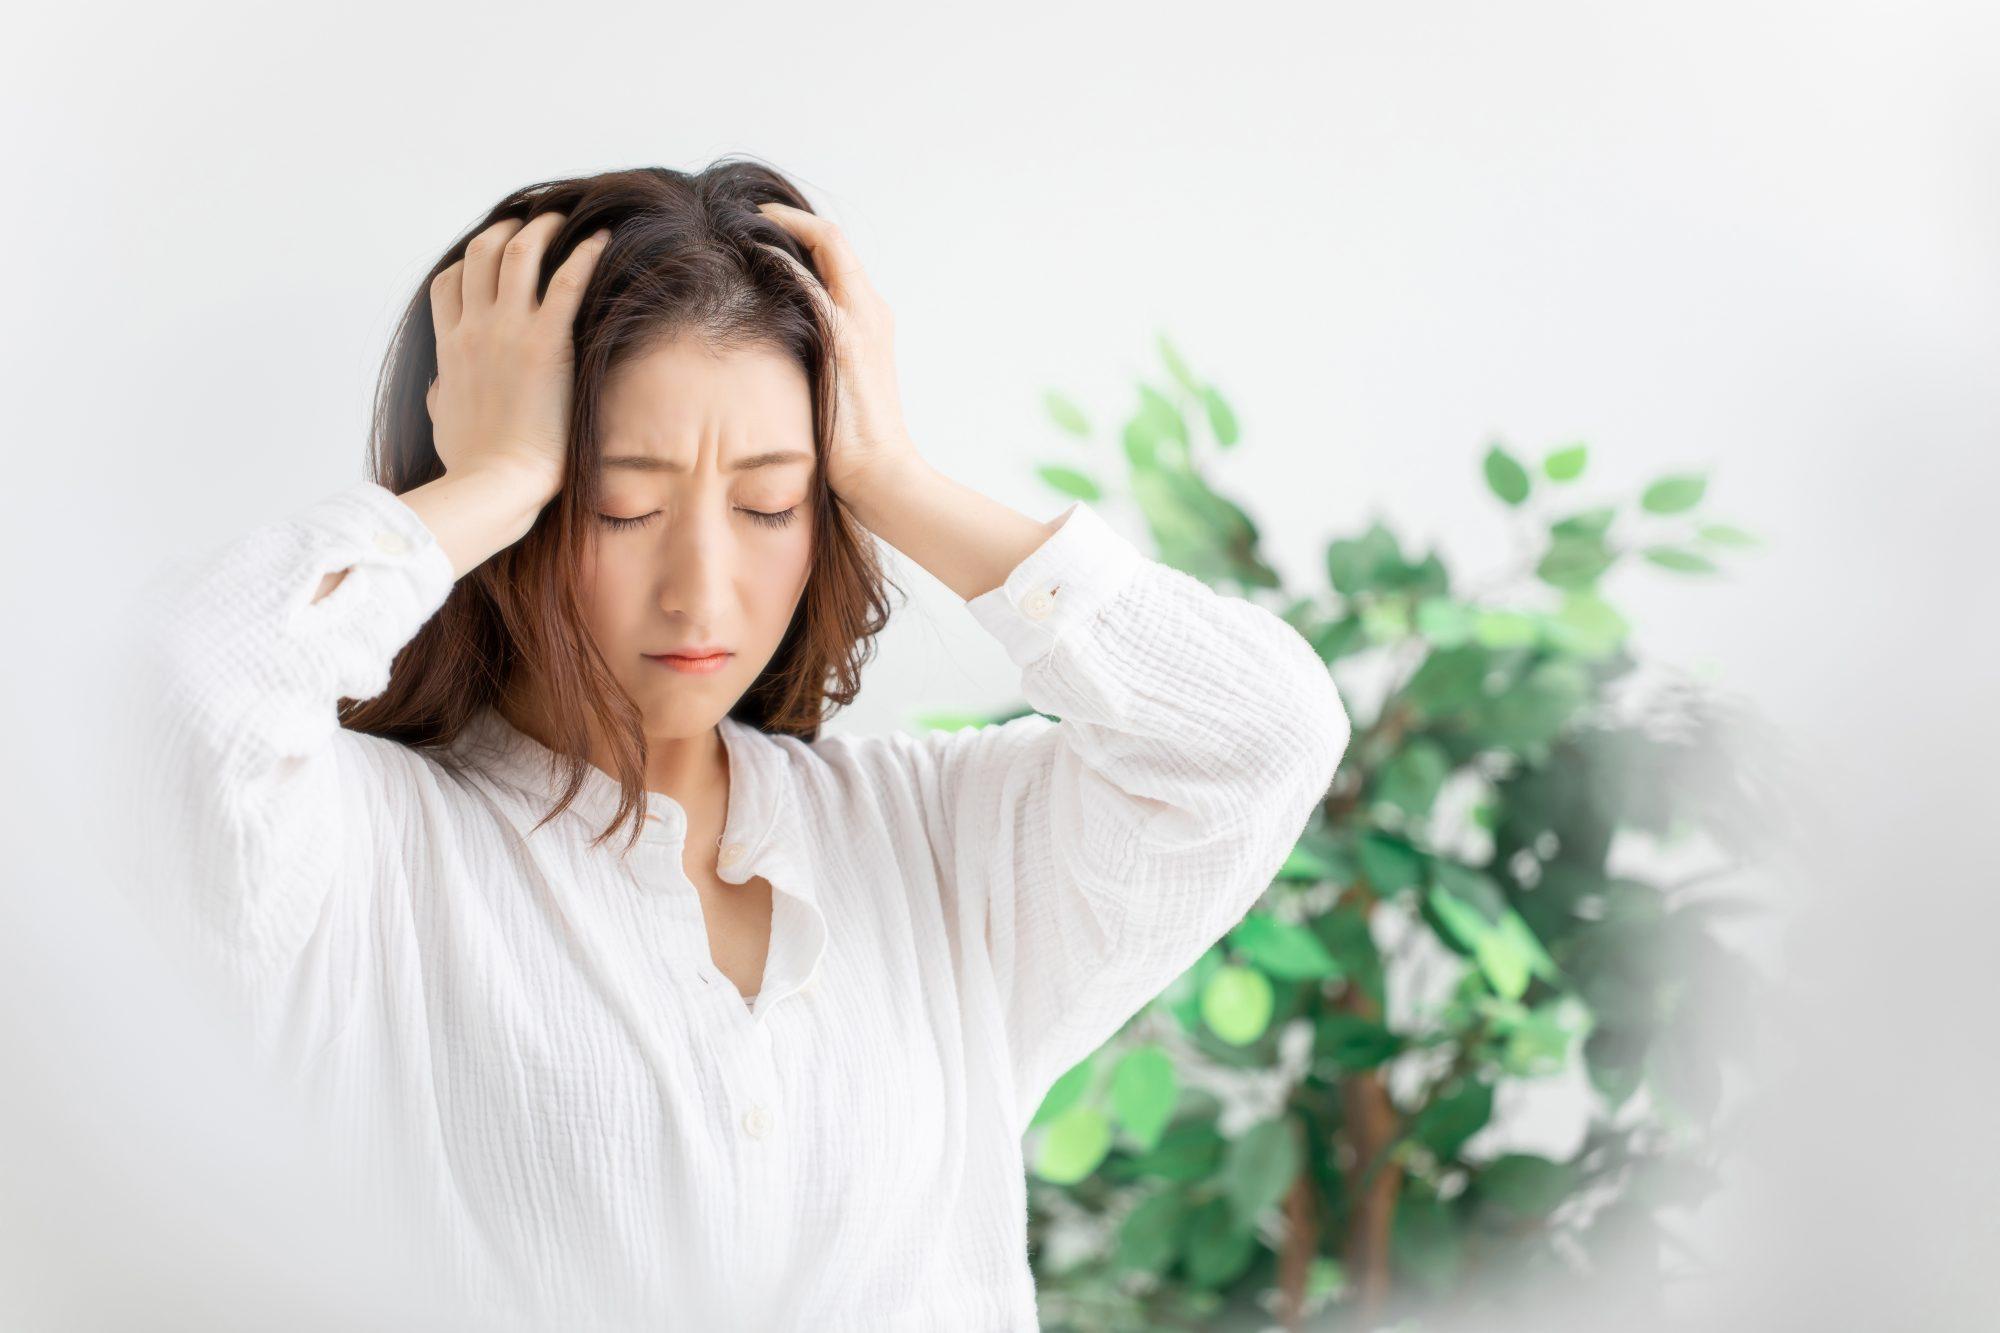 ストレスを受けると、胃の働きが悪くなる